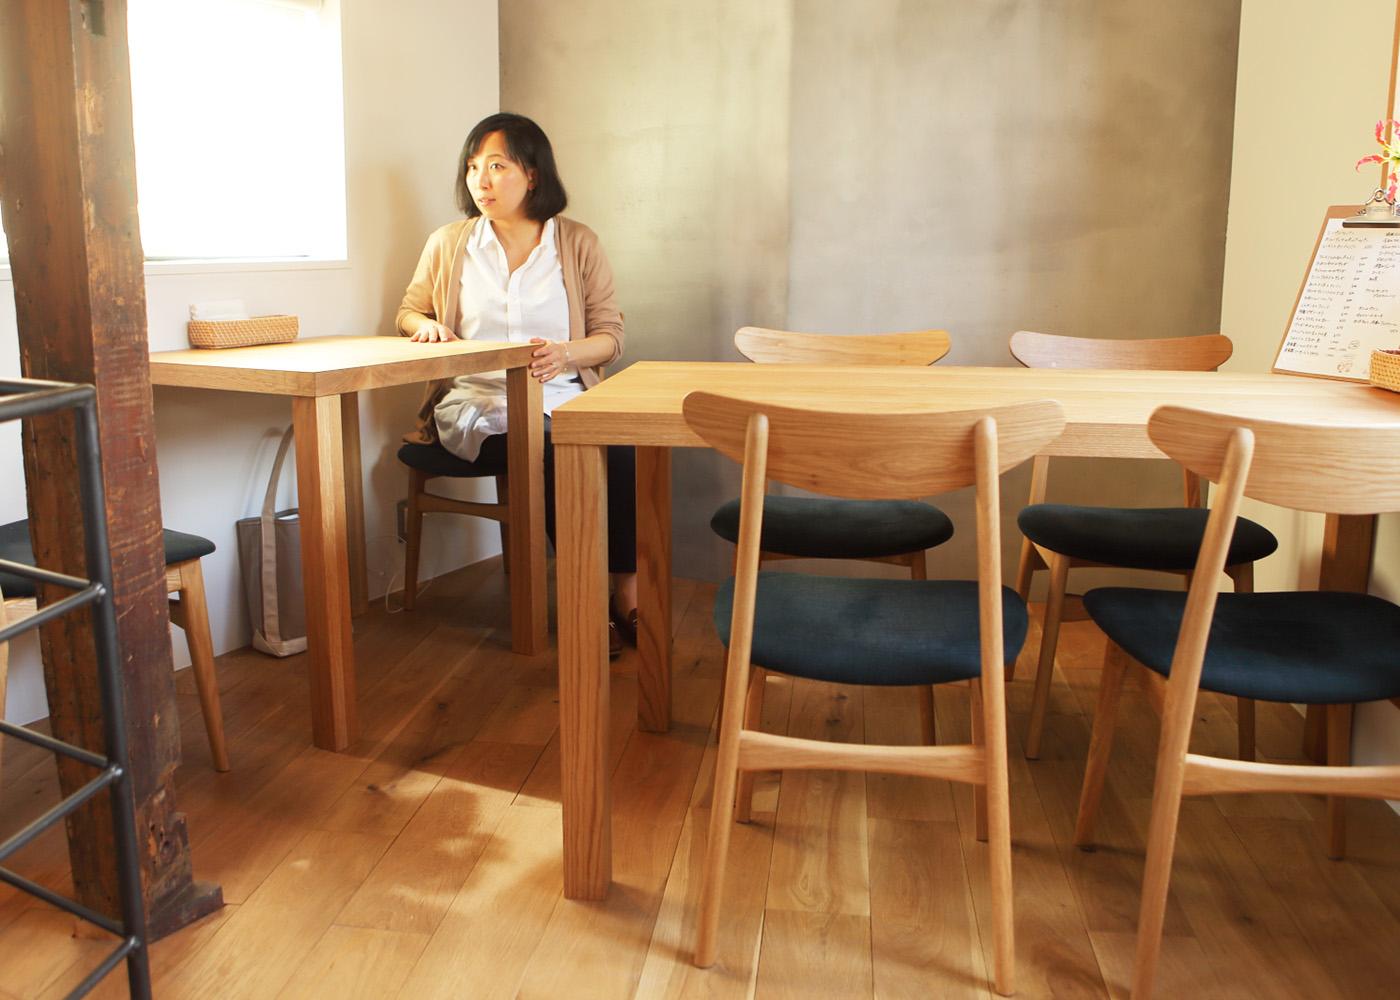 おしゃれな飲食店家具和歌山県新宮市Meganeパン